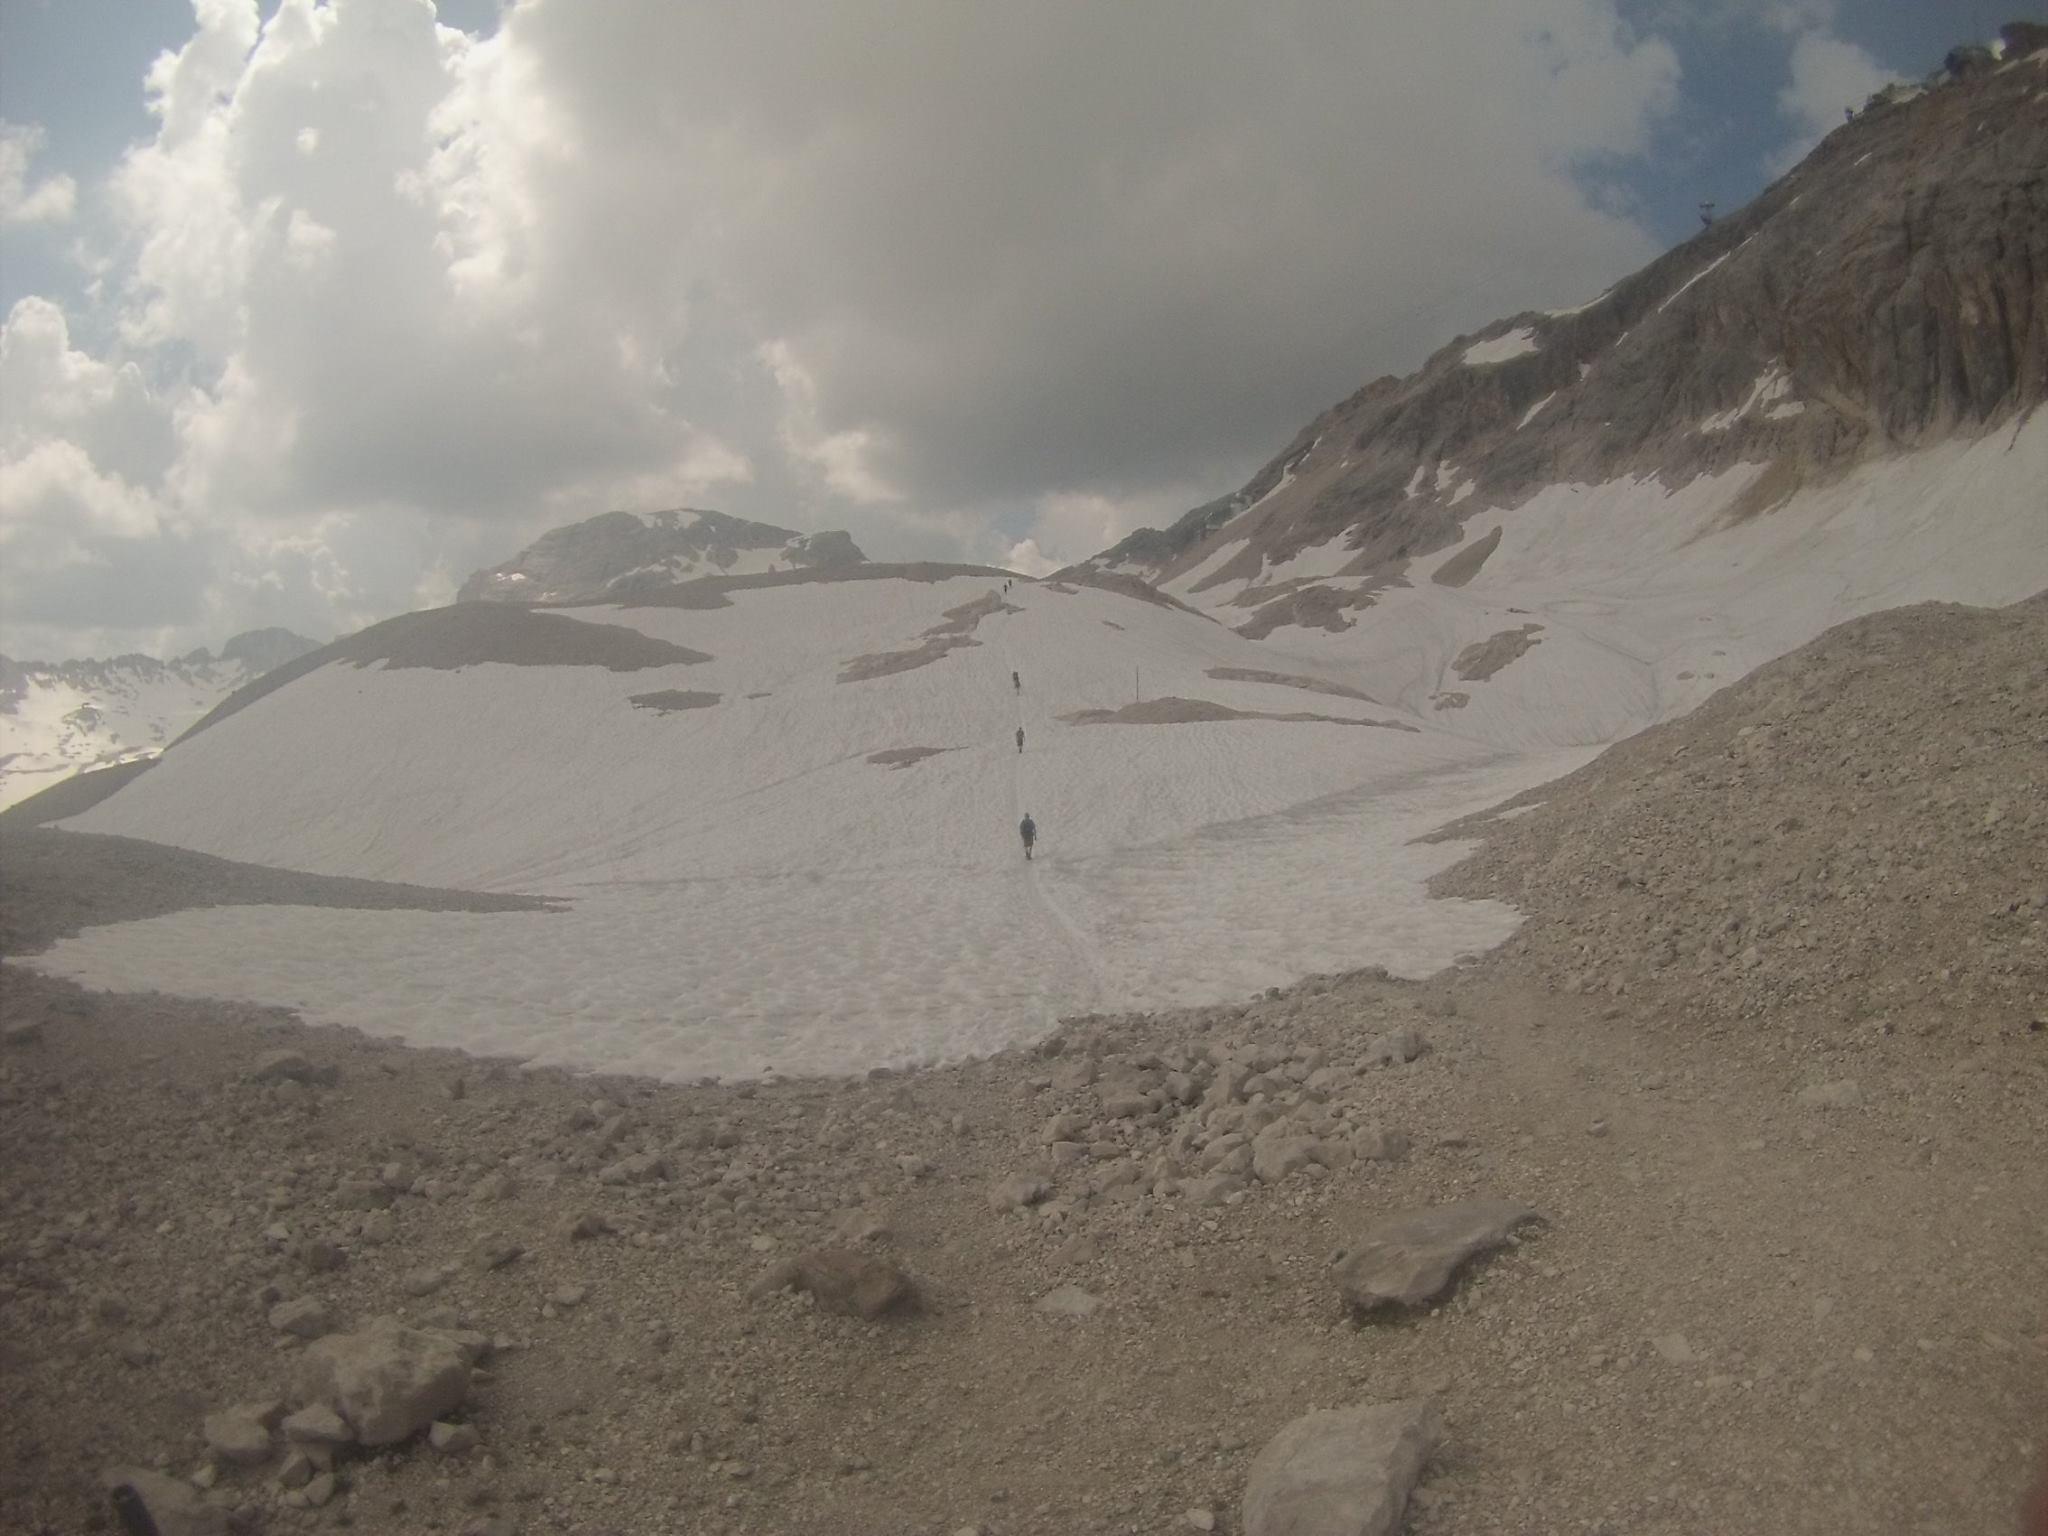 Klettersteigset Zugspitze : Wanderung zur zugspitze von ehrwald über das gatterl klettersteigset